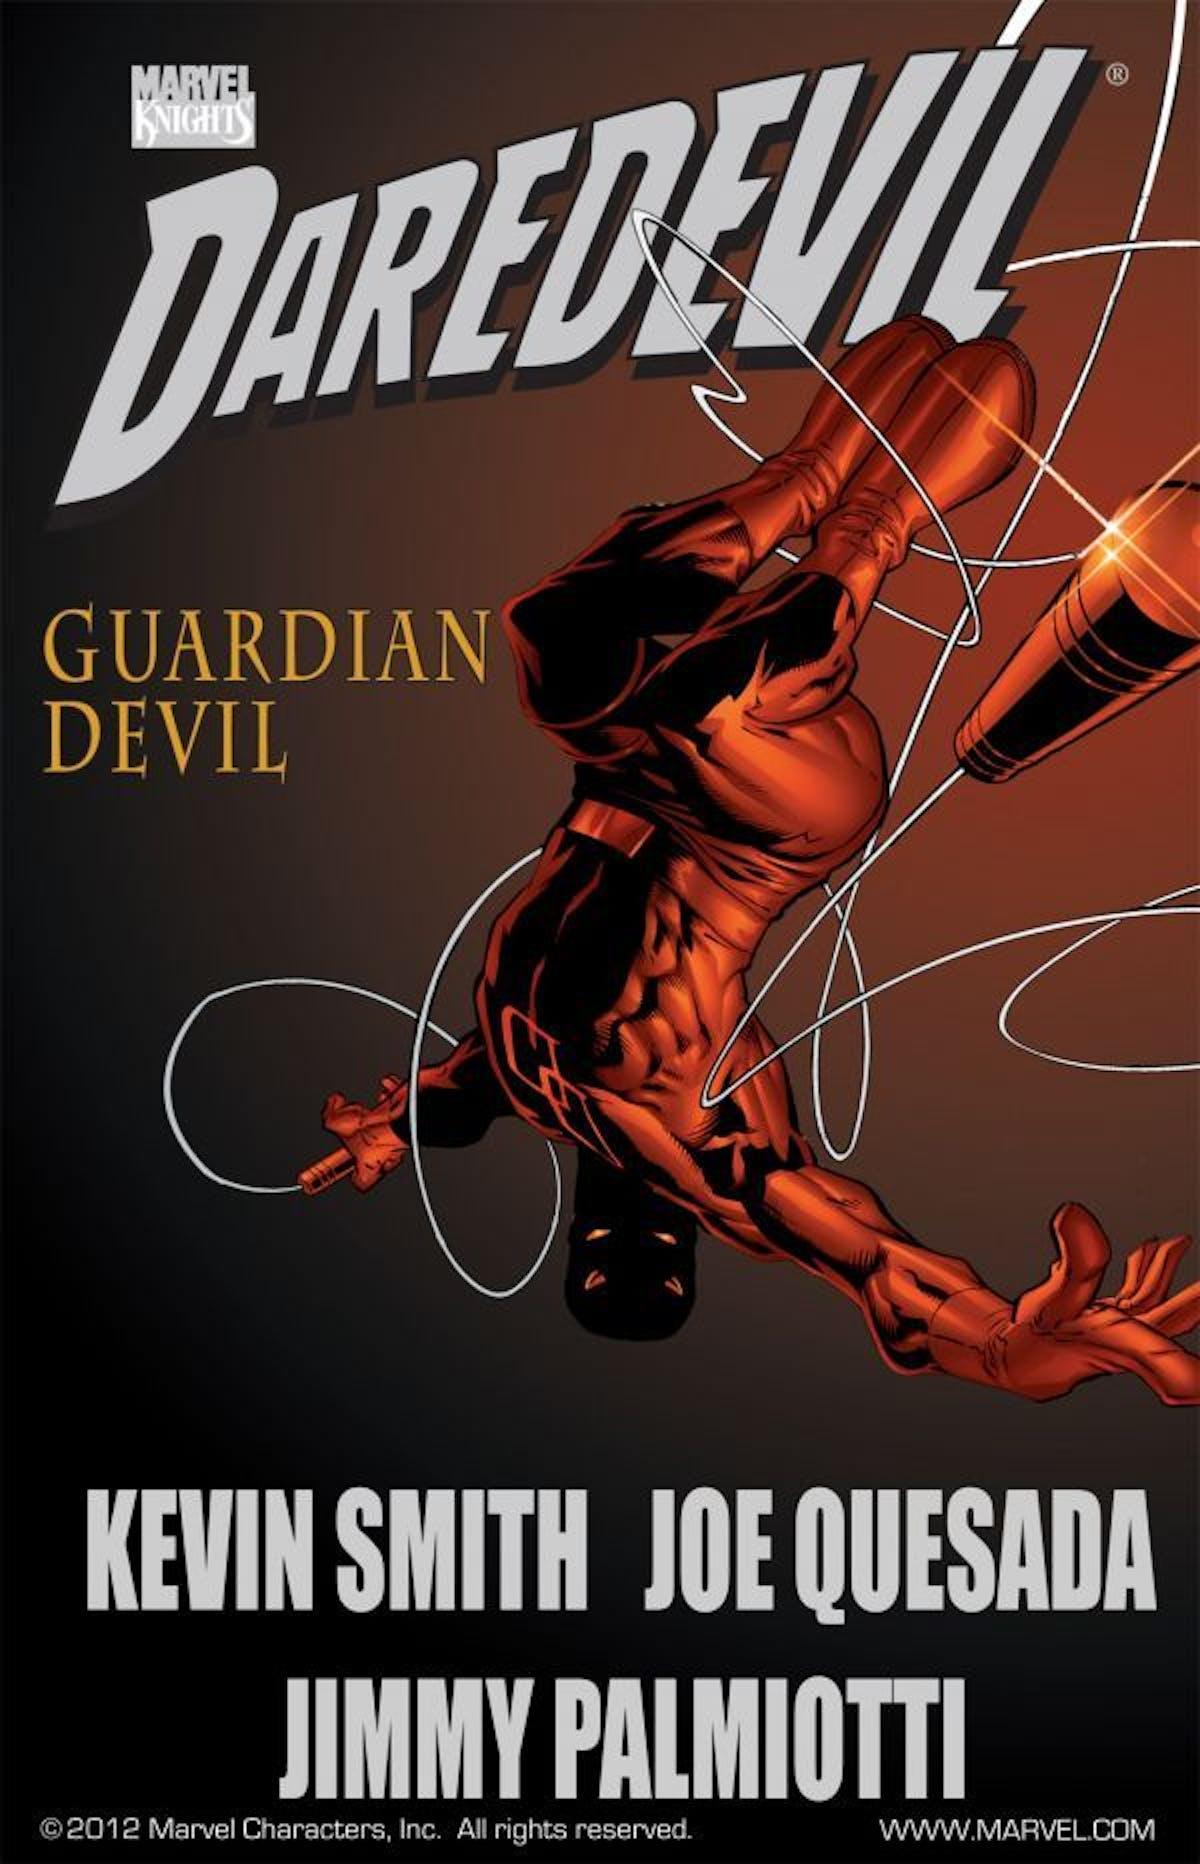 Daredevil Guardian Devil Marvel Comics